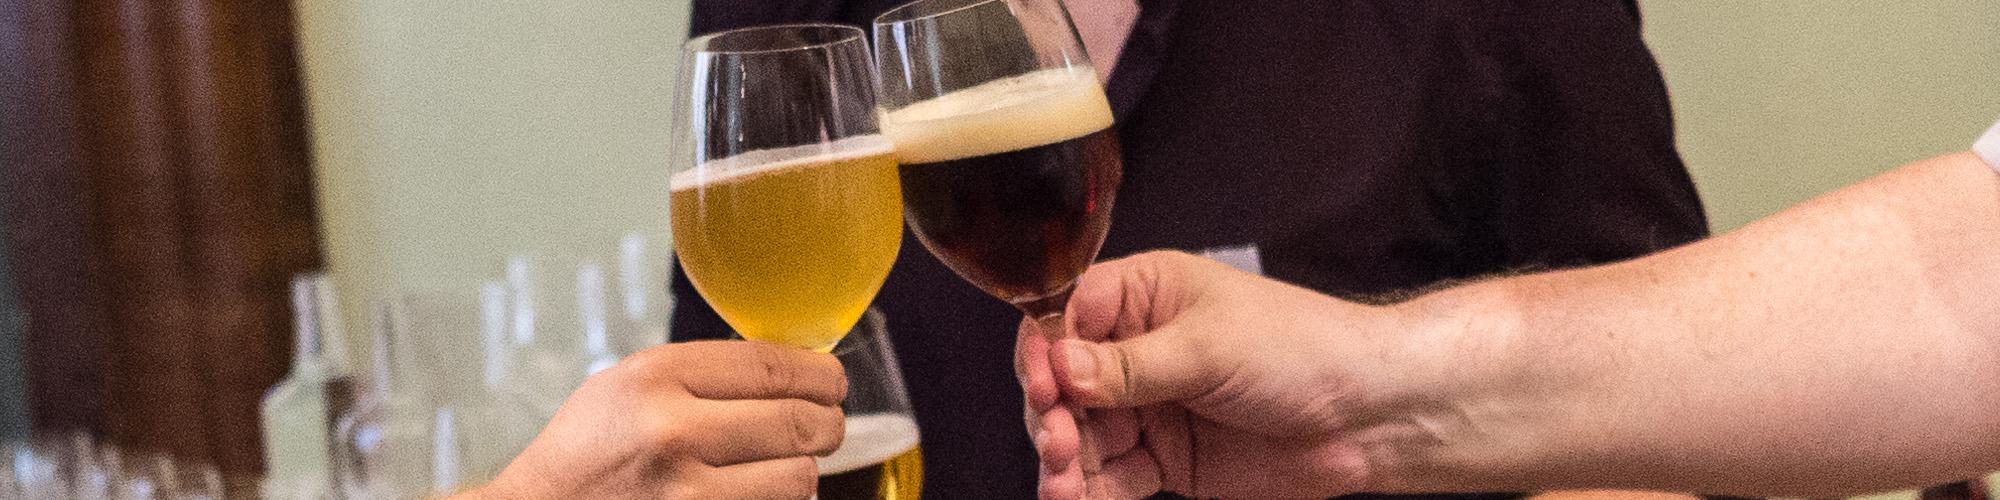 bier-bild